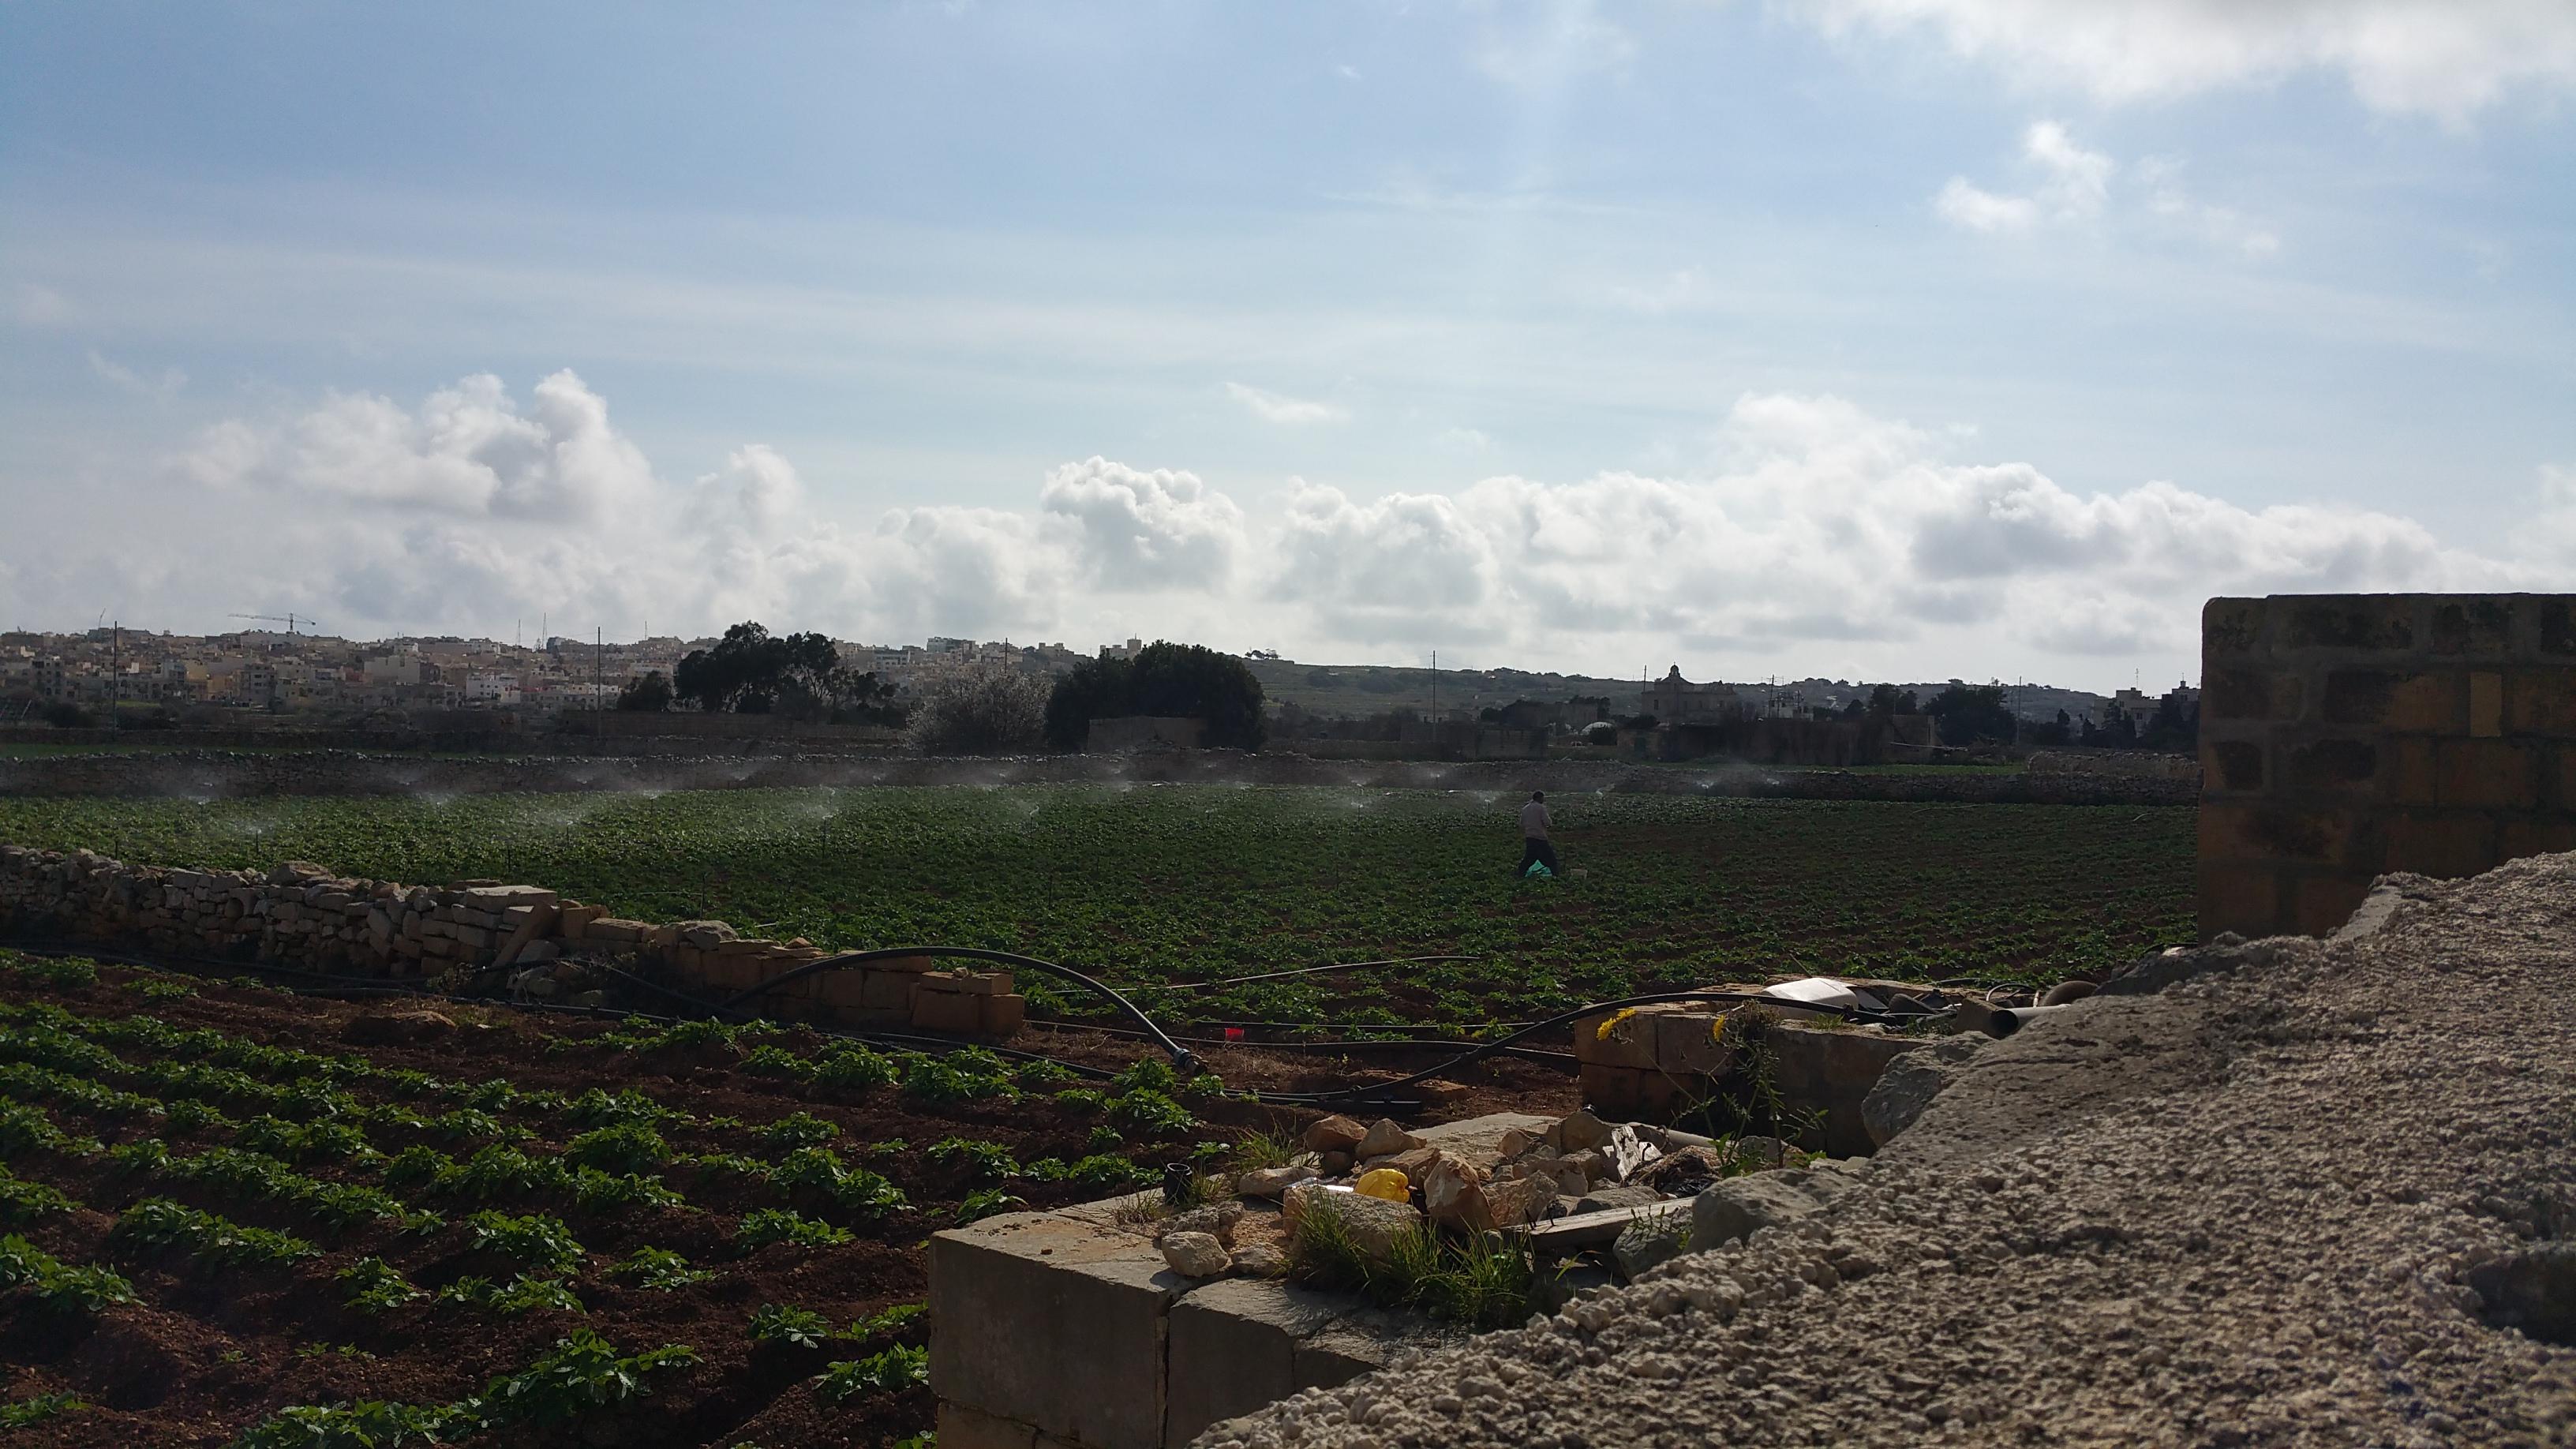 Is-saqi tal-għelieqi tal-patata ta' Ħal Lew, il-Qrendi... Minħabba n-nixfa xitwija, dis-sena l-bdiewa kellhom jidħlu f'ħafna iktar spejjeż mis-soltu.